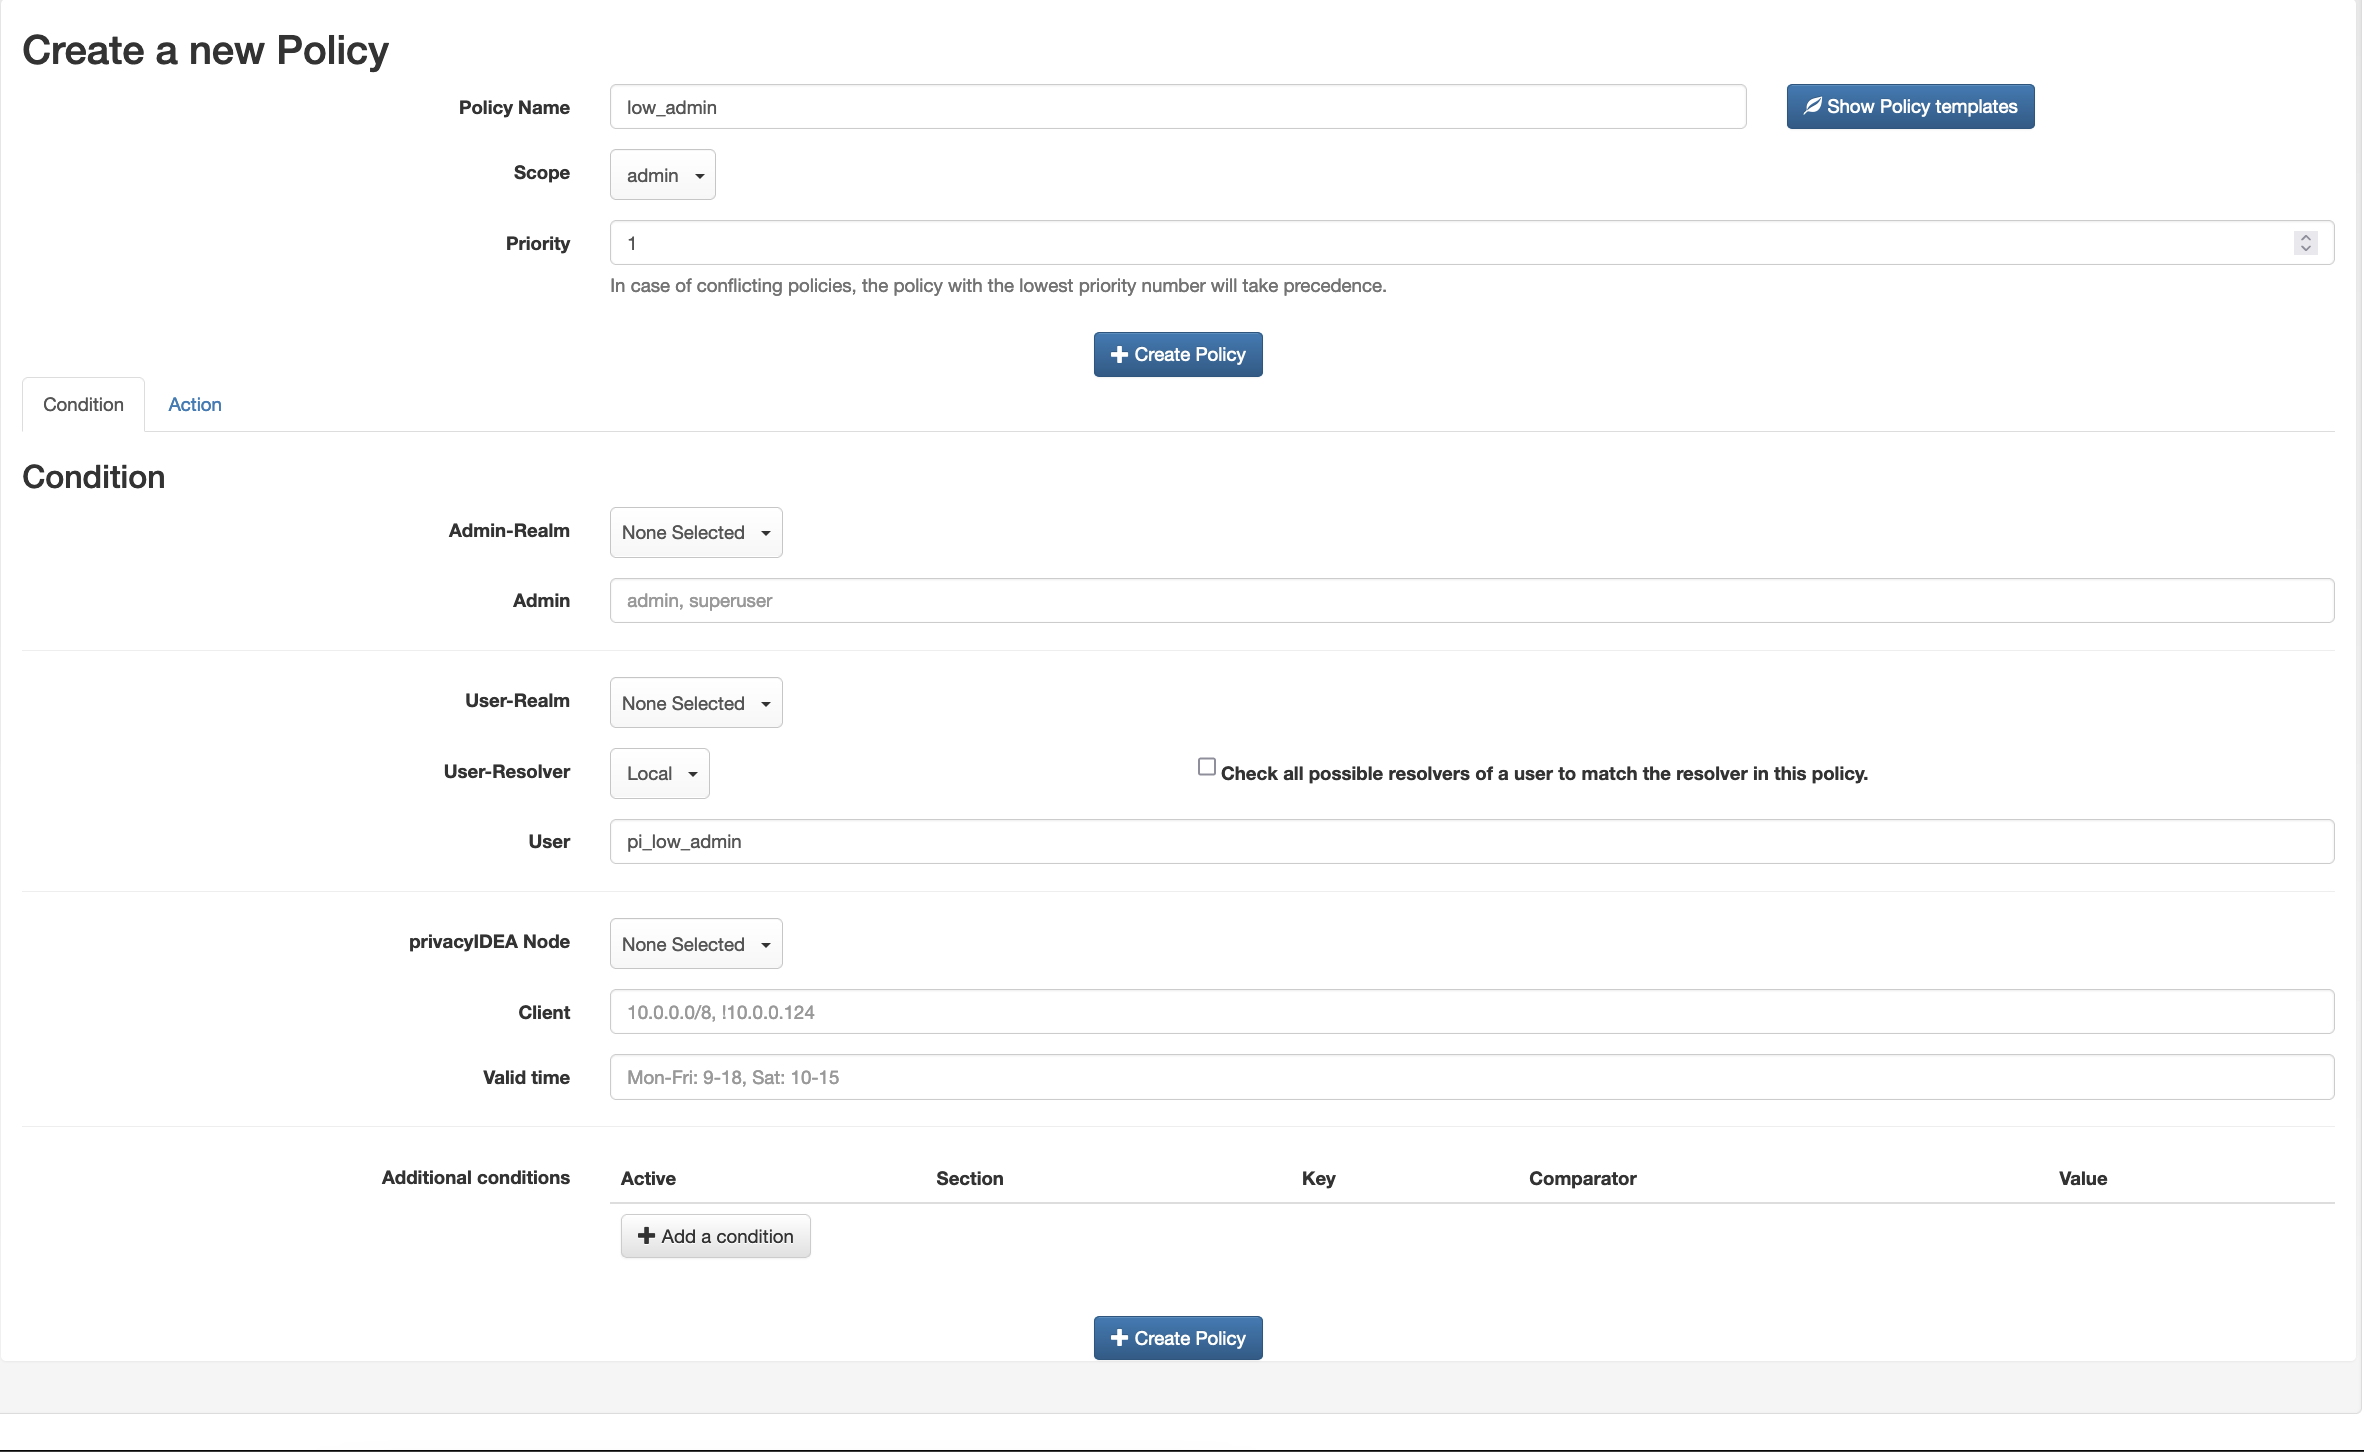 Screenshot 2021-08-02 at 14.46.46